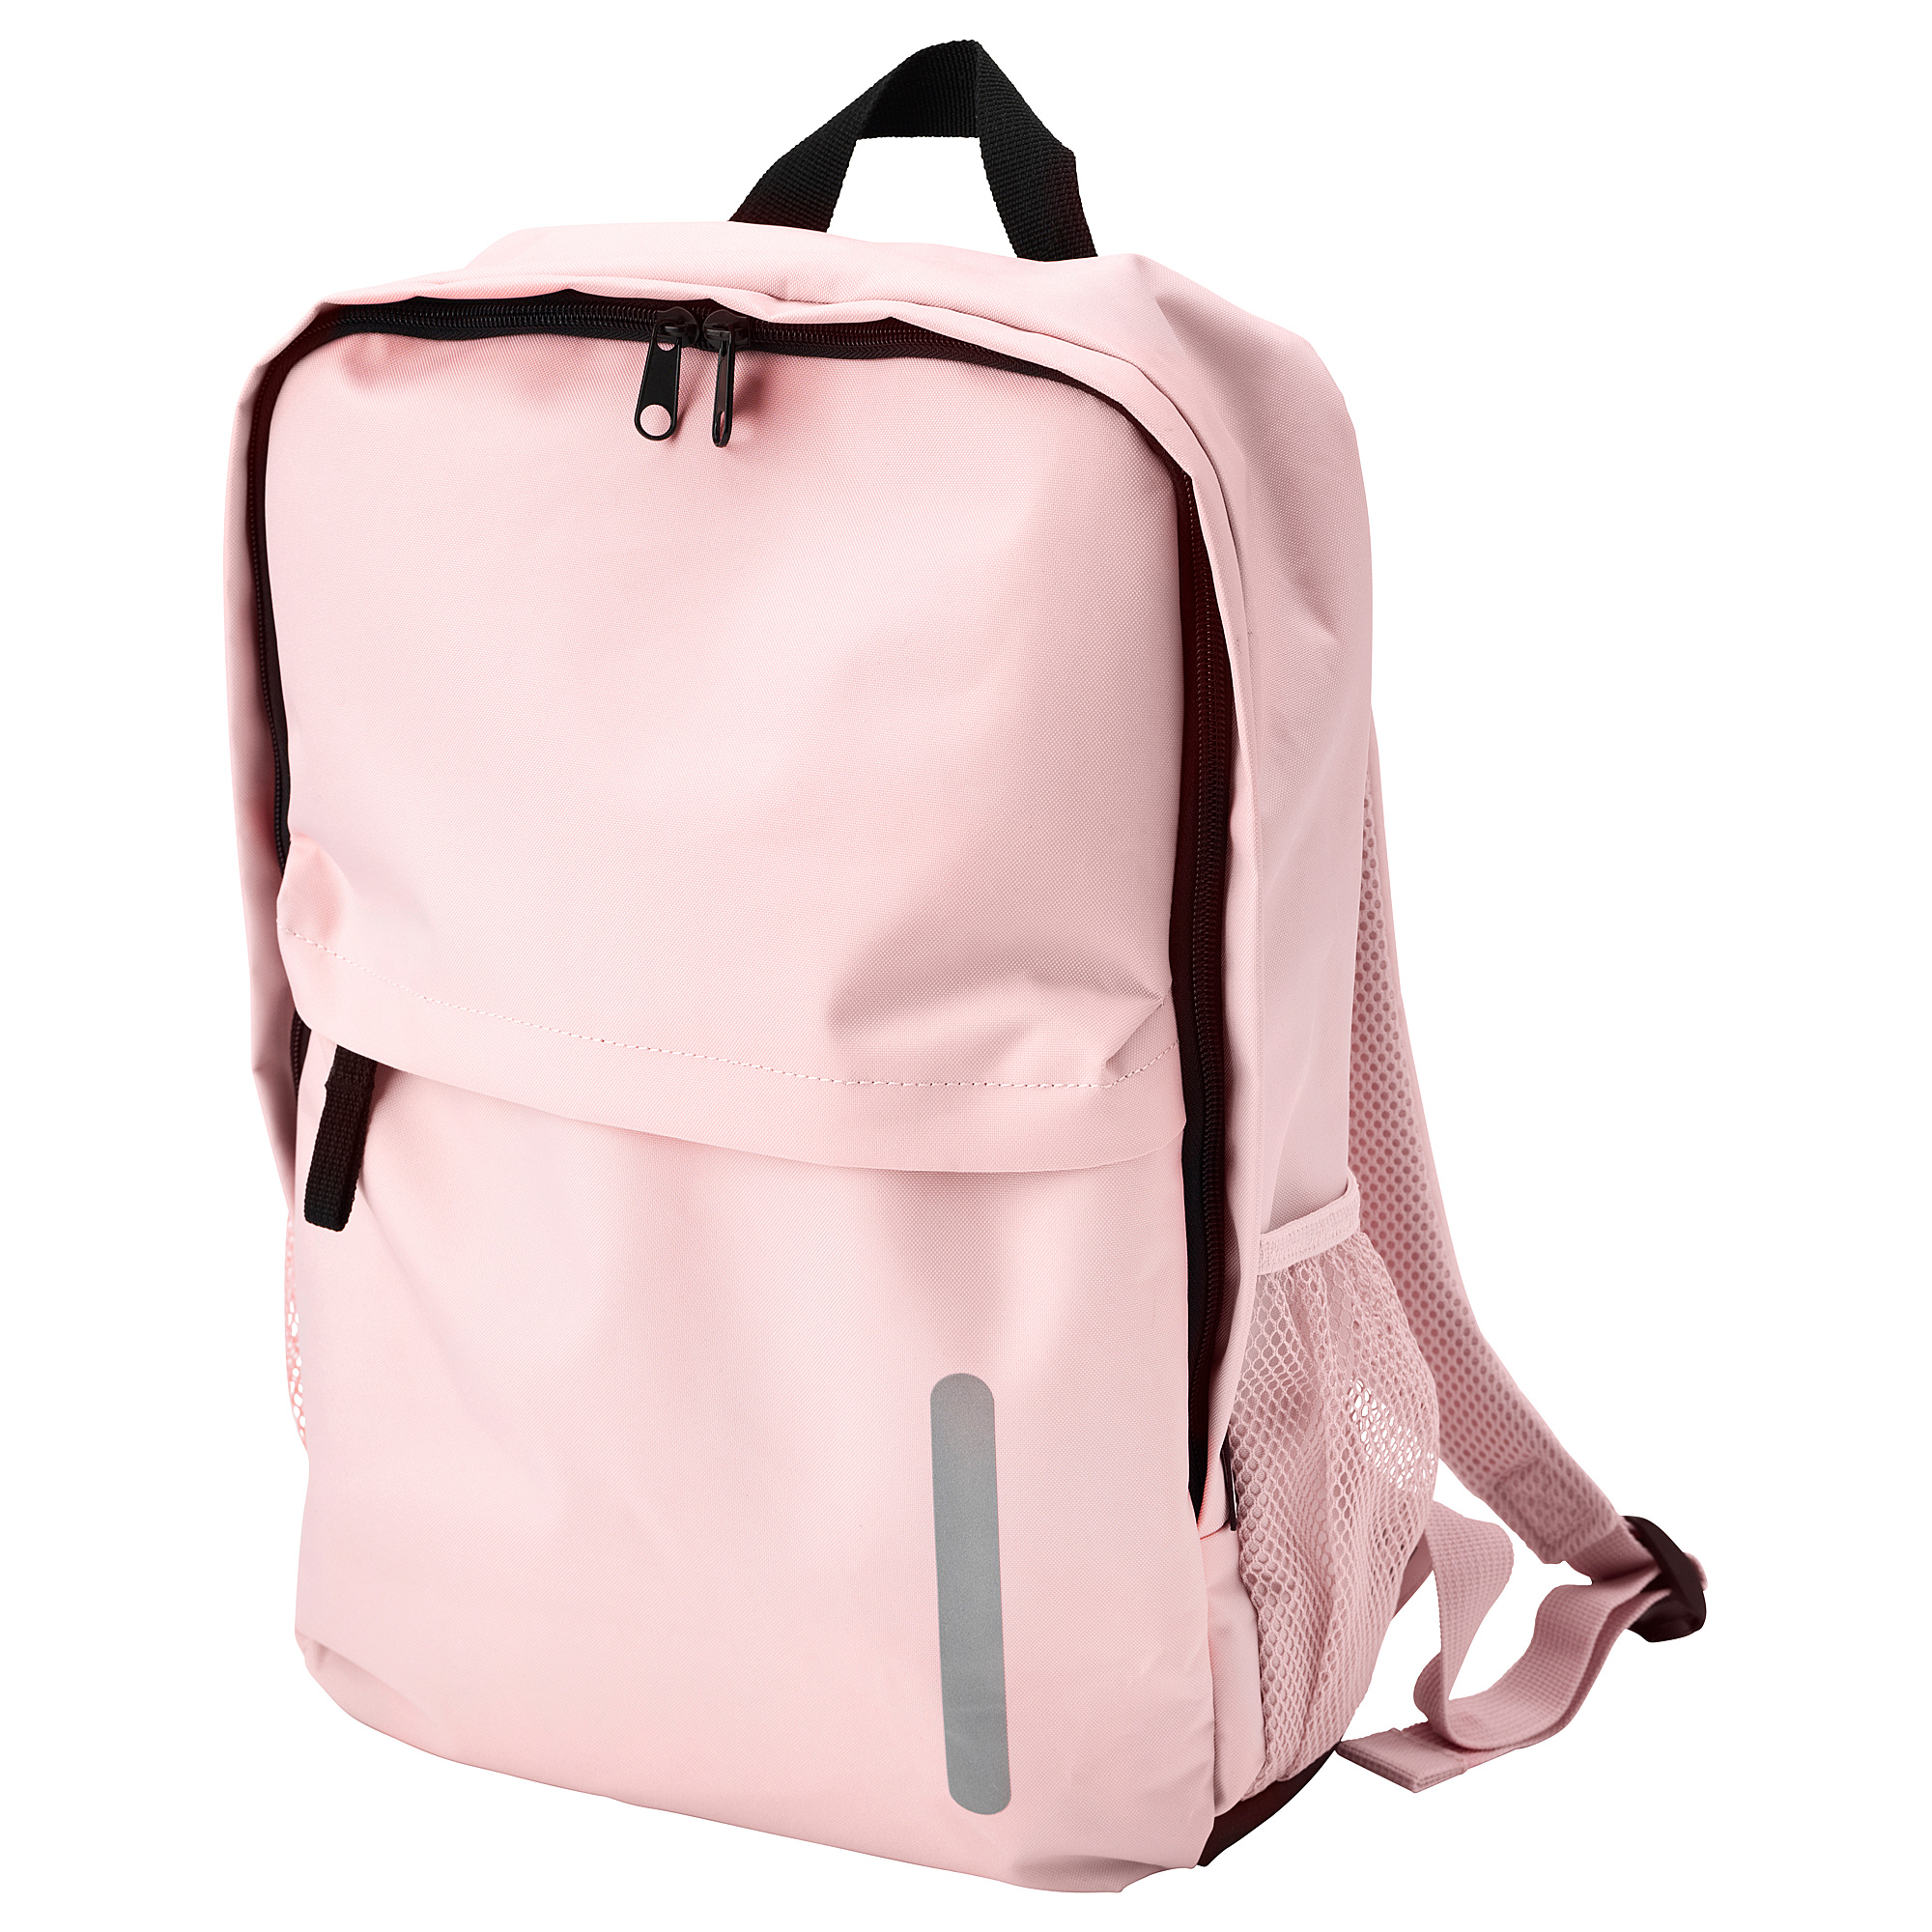 Рюкзак СТАРТТИД розовый артикуль № 504.054.99 в наличии. Online каталог IKEA РБ. Недорогая доставка и установка.